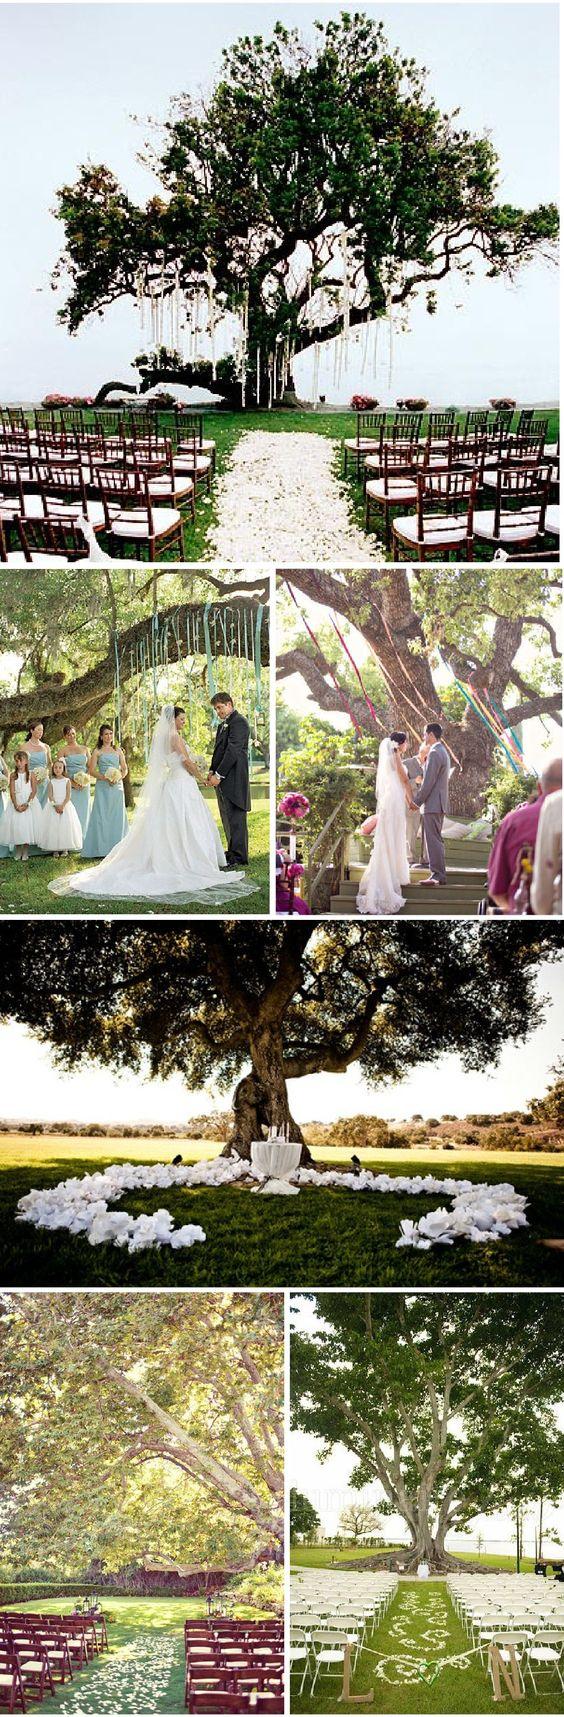 Cérémonie en plein air, mariage sous un arbre!